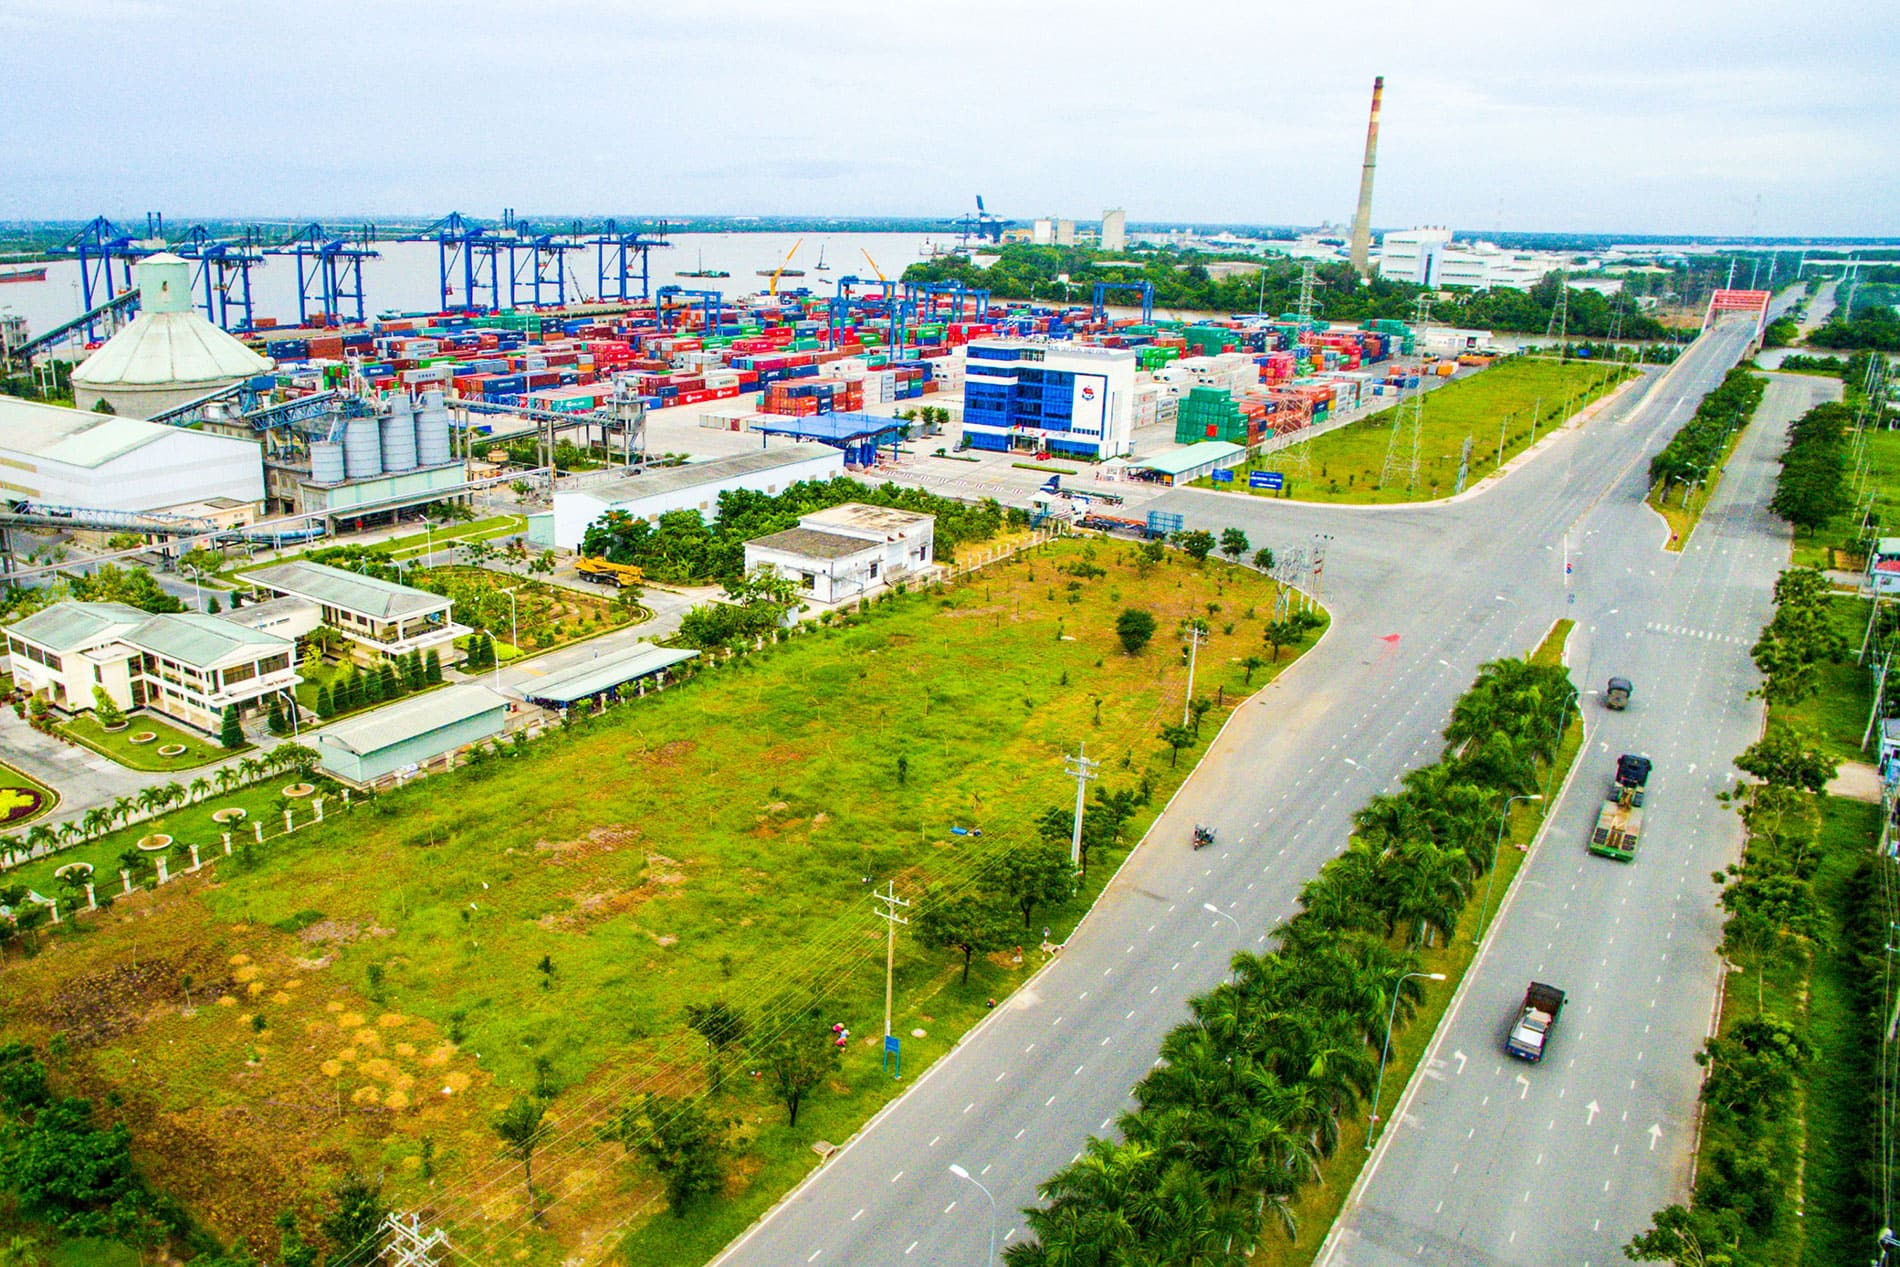 Khu công nghiệp - cảng biển Hiệp Phước